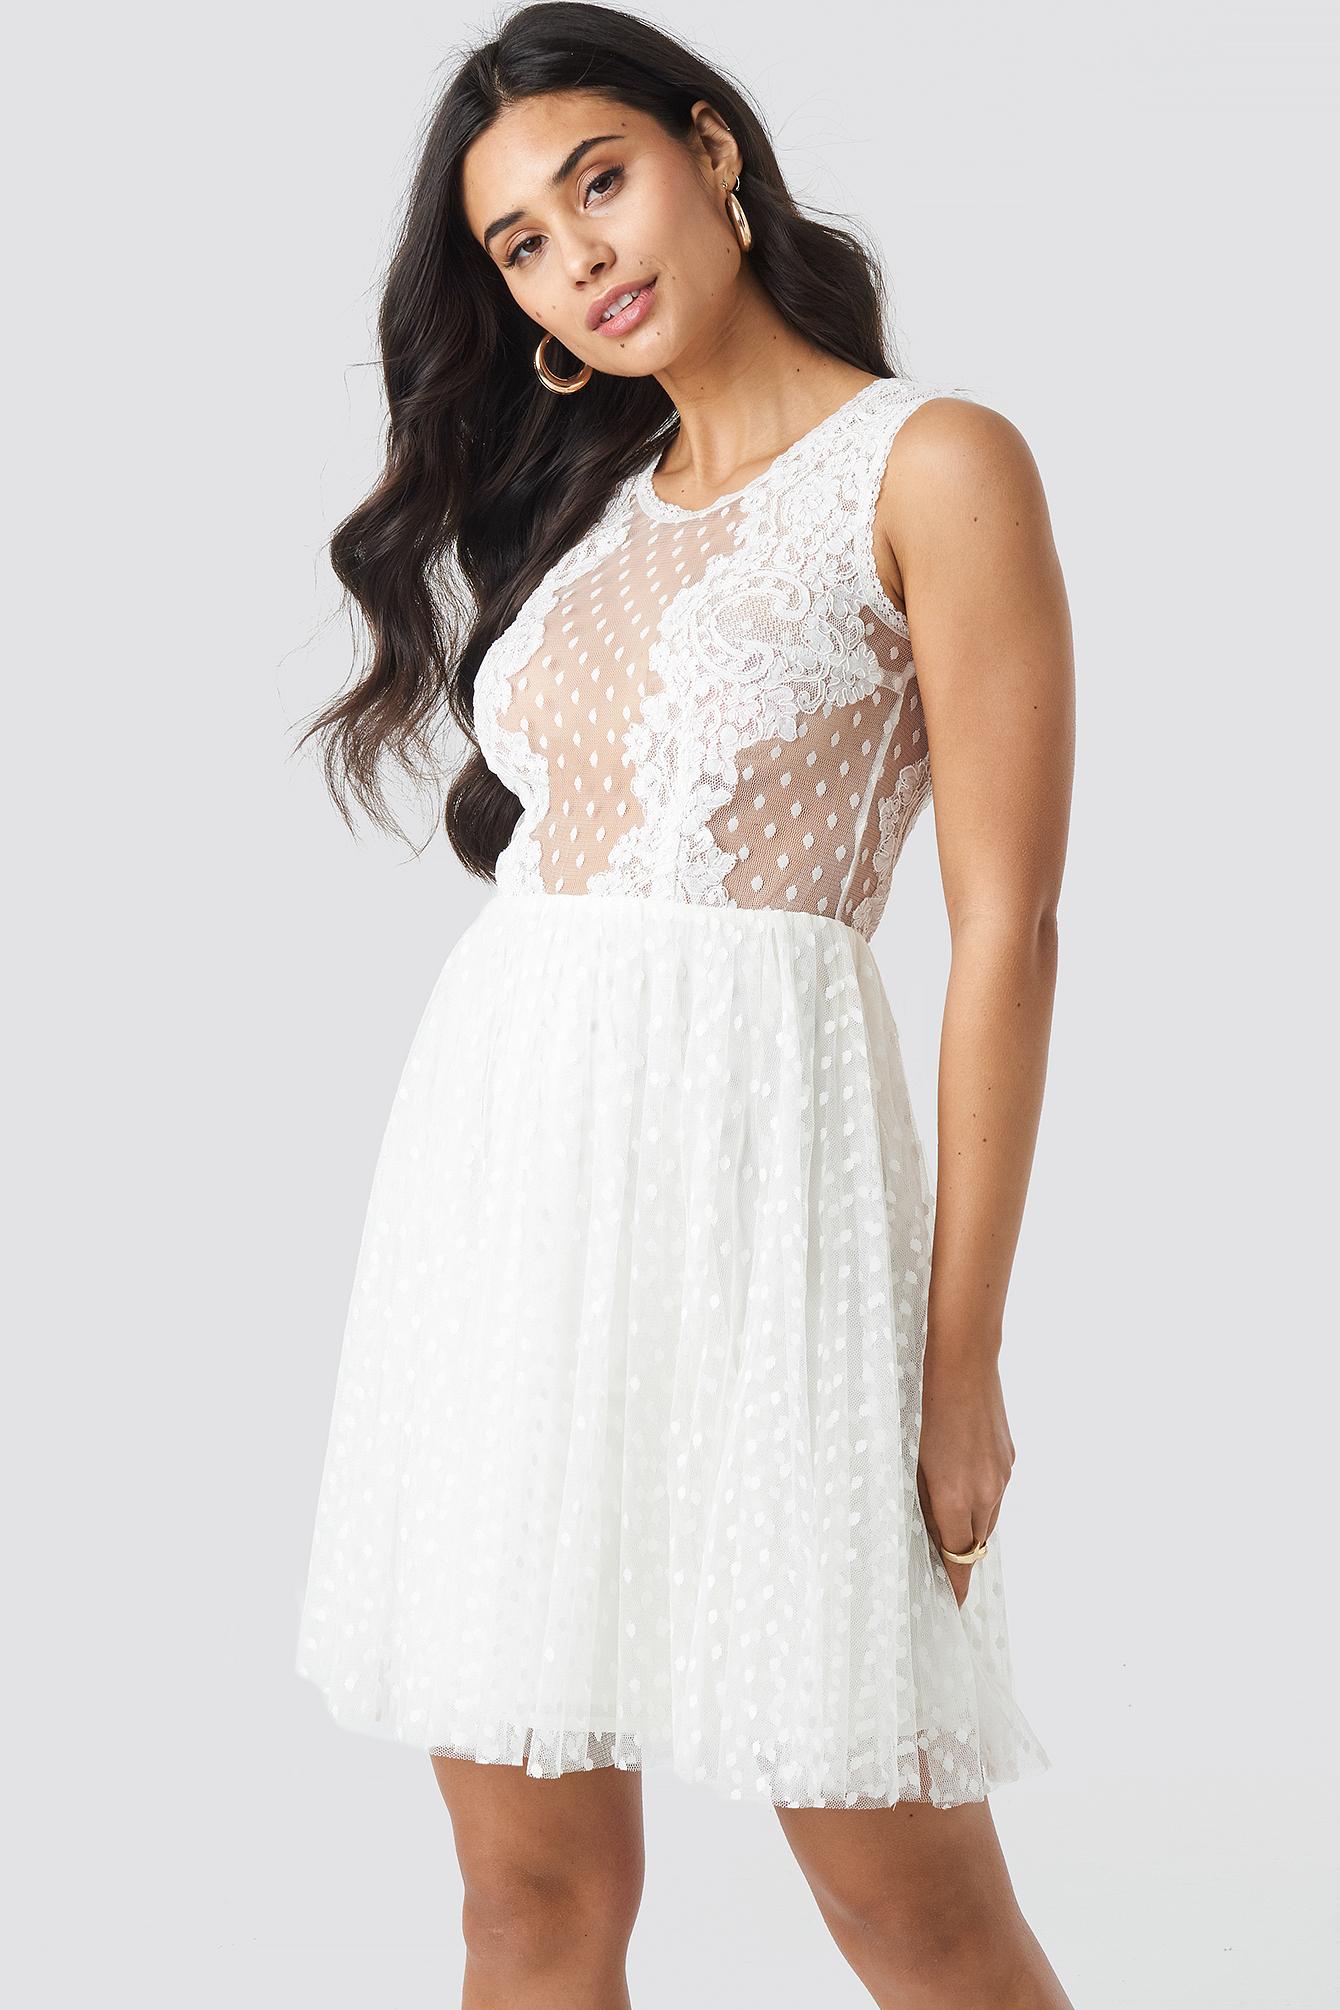 Ida Sjöstedt Trixie Dress - White